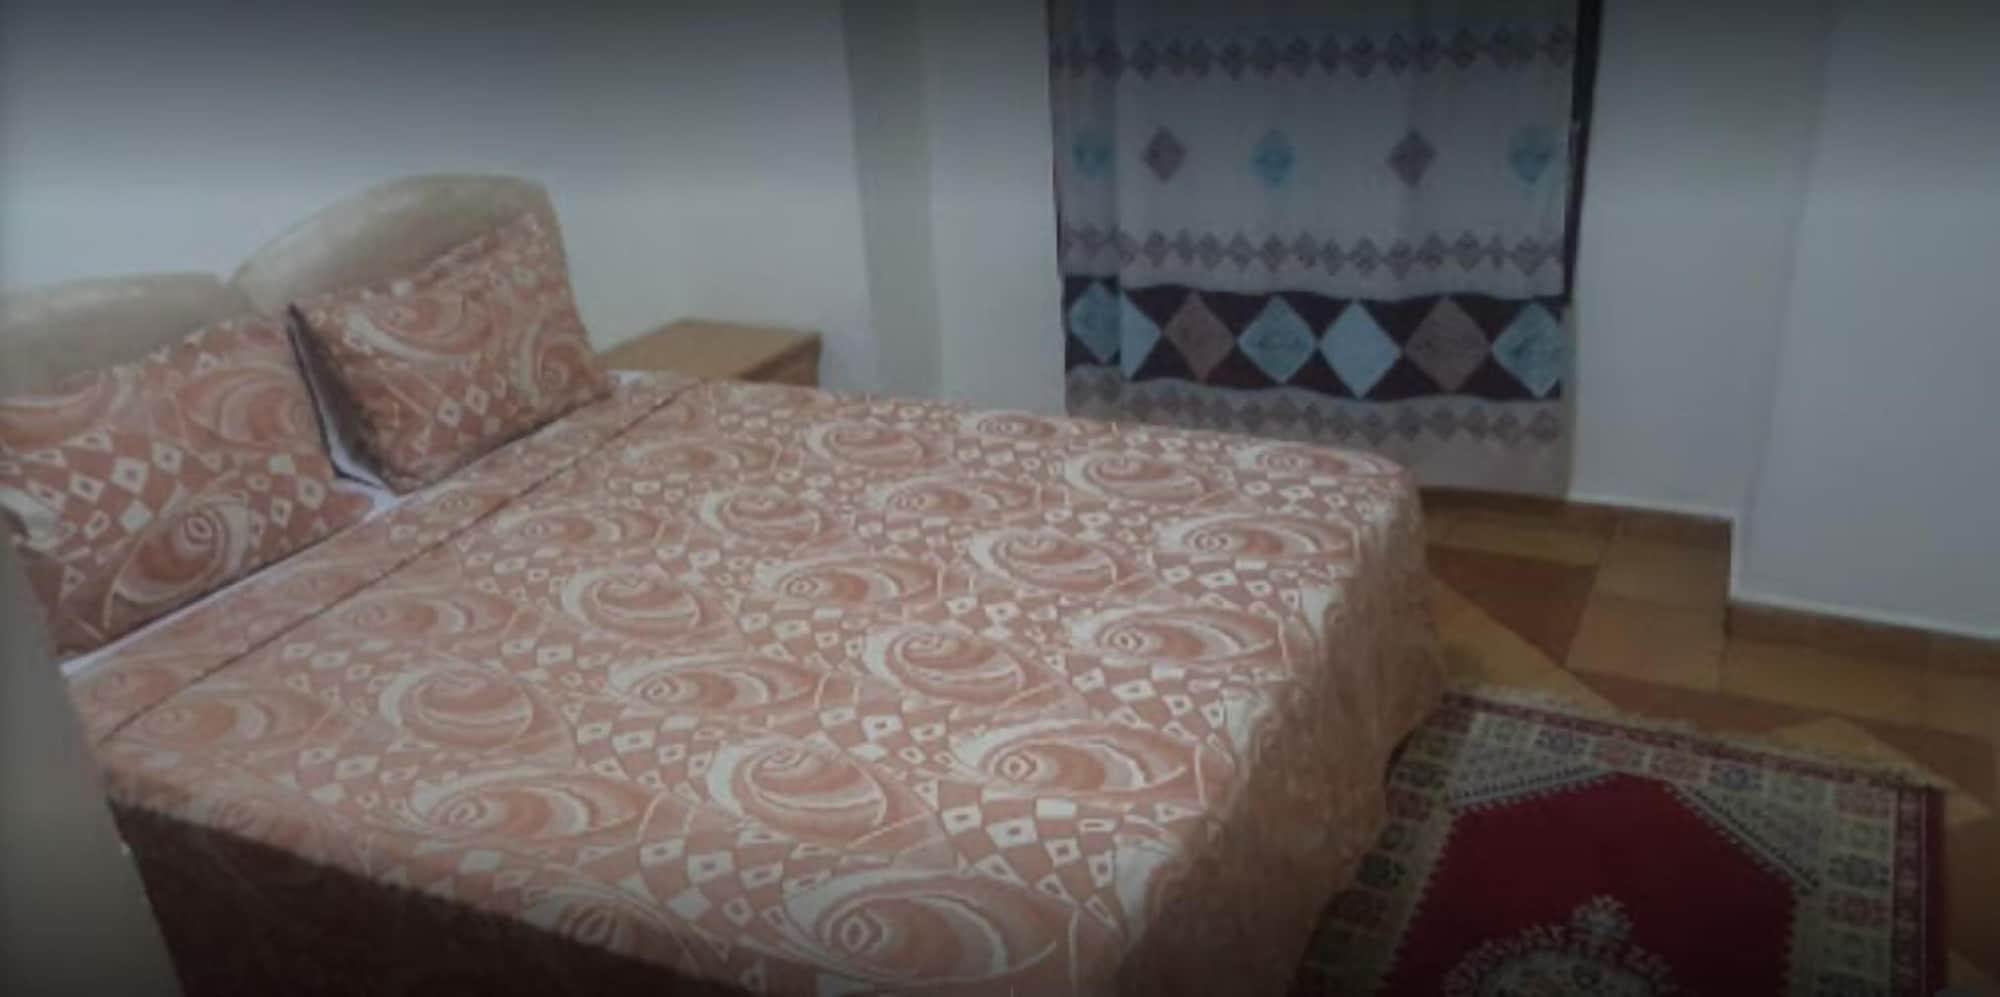 Residence Ifrane, Ifrane